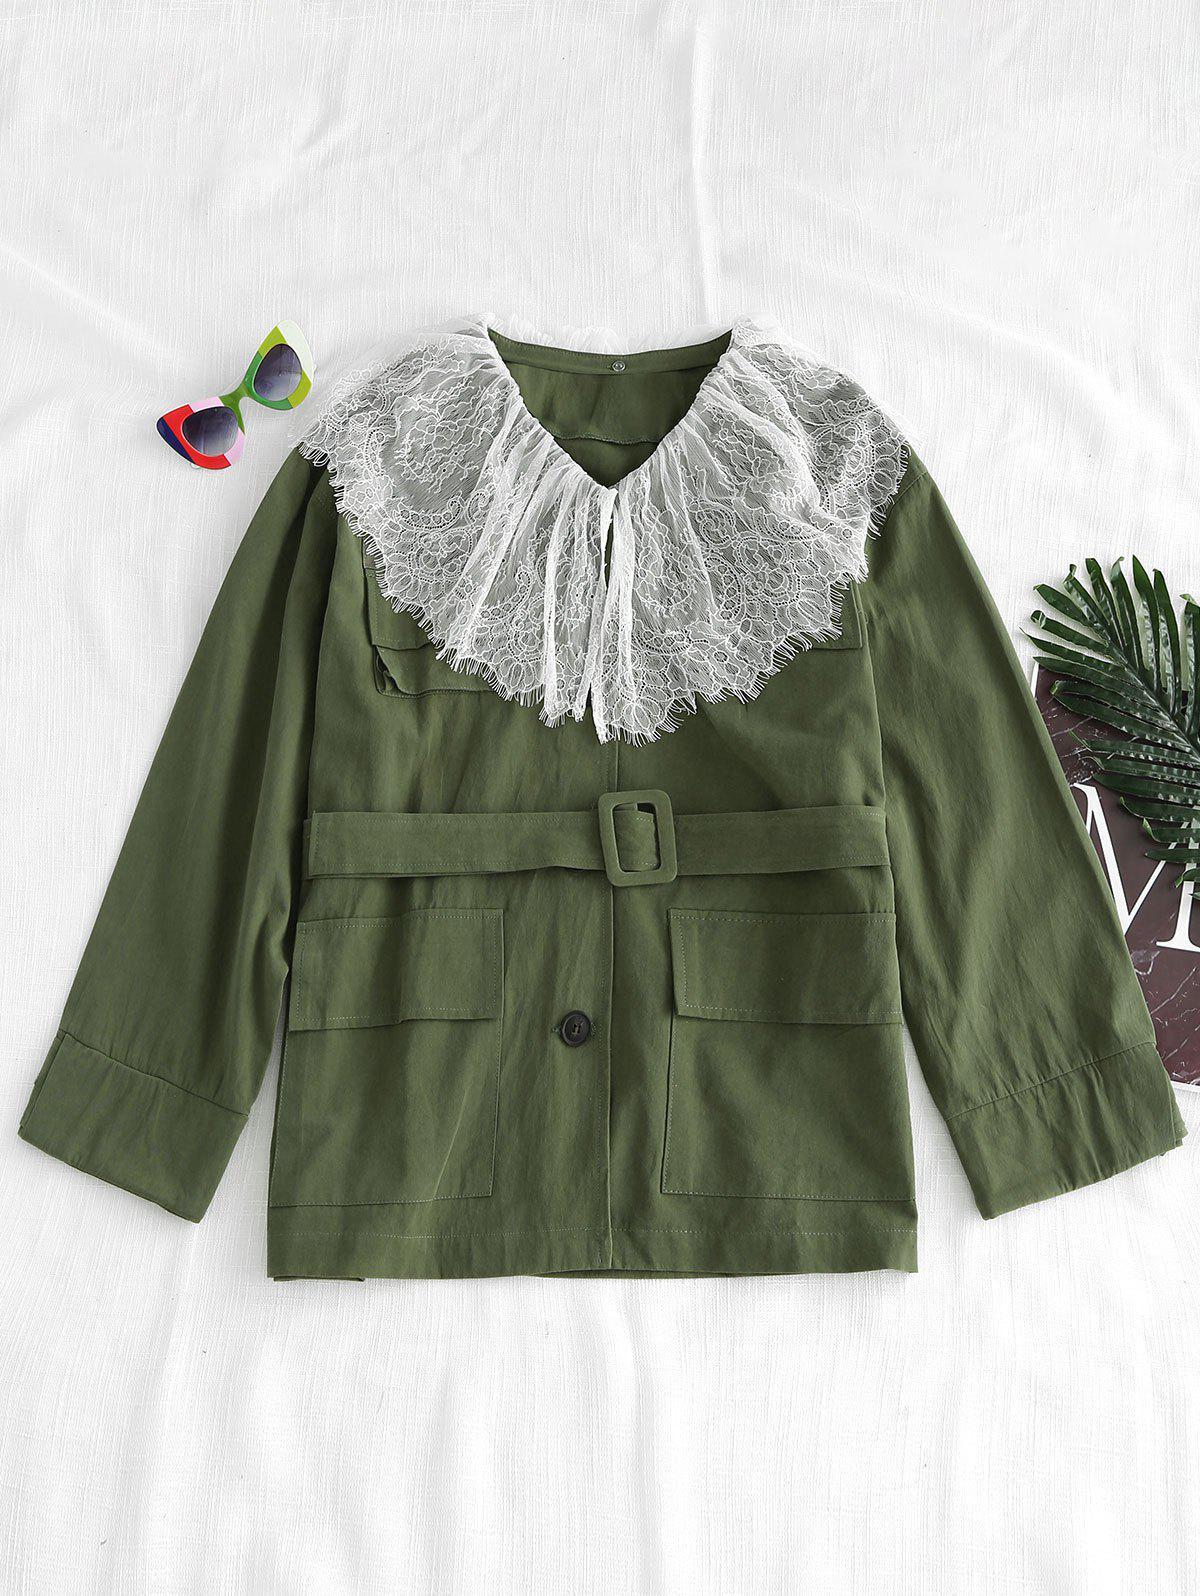 Lace Overlay Oversized Twill Jacket